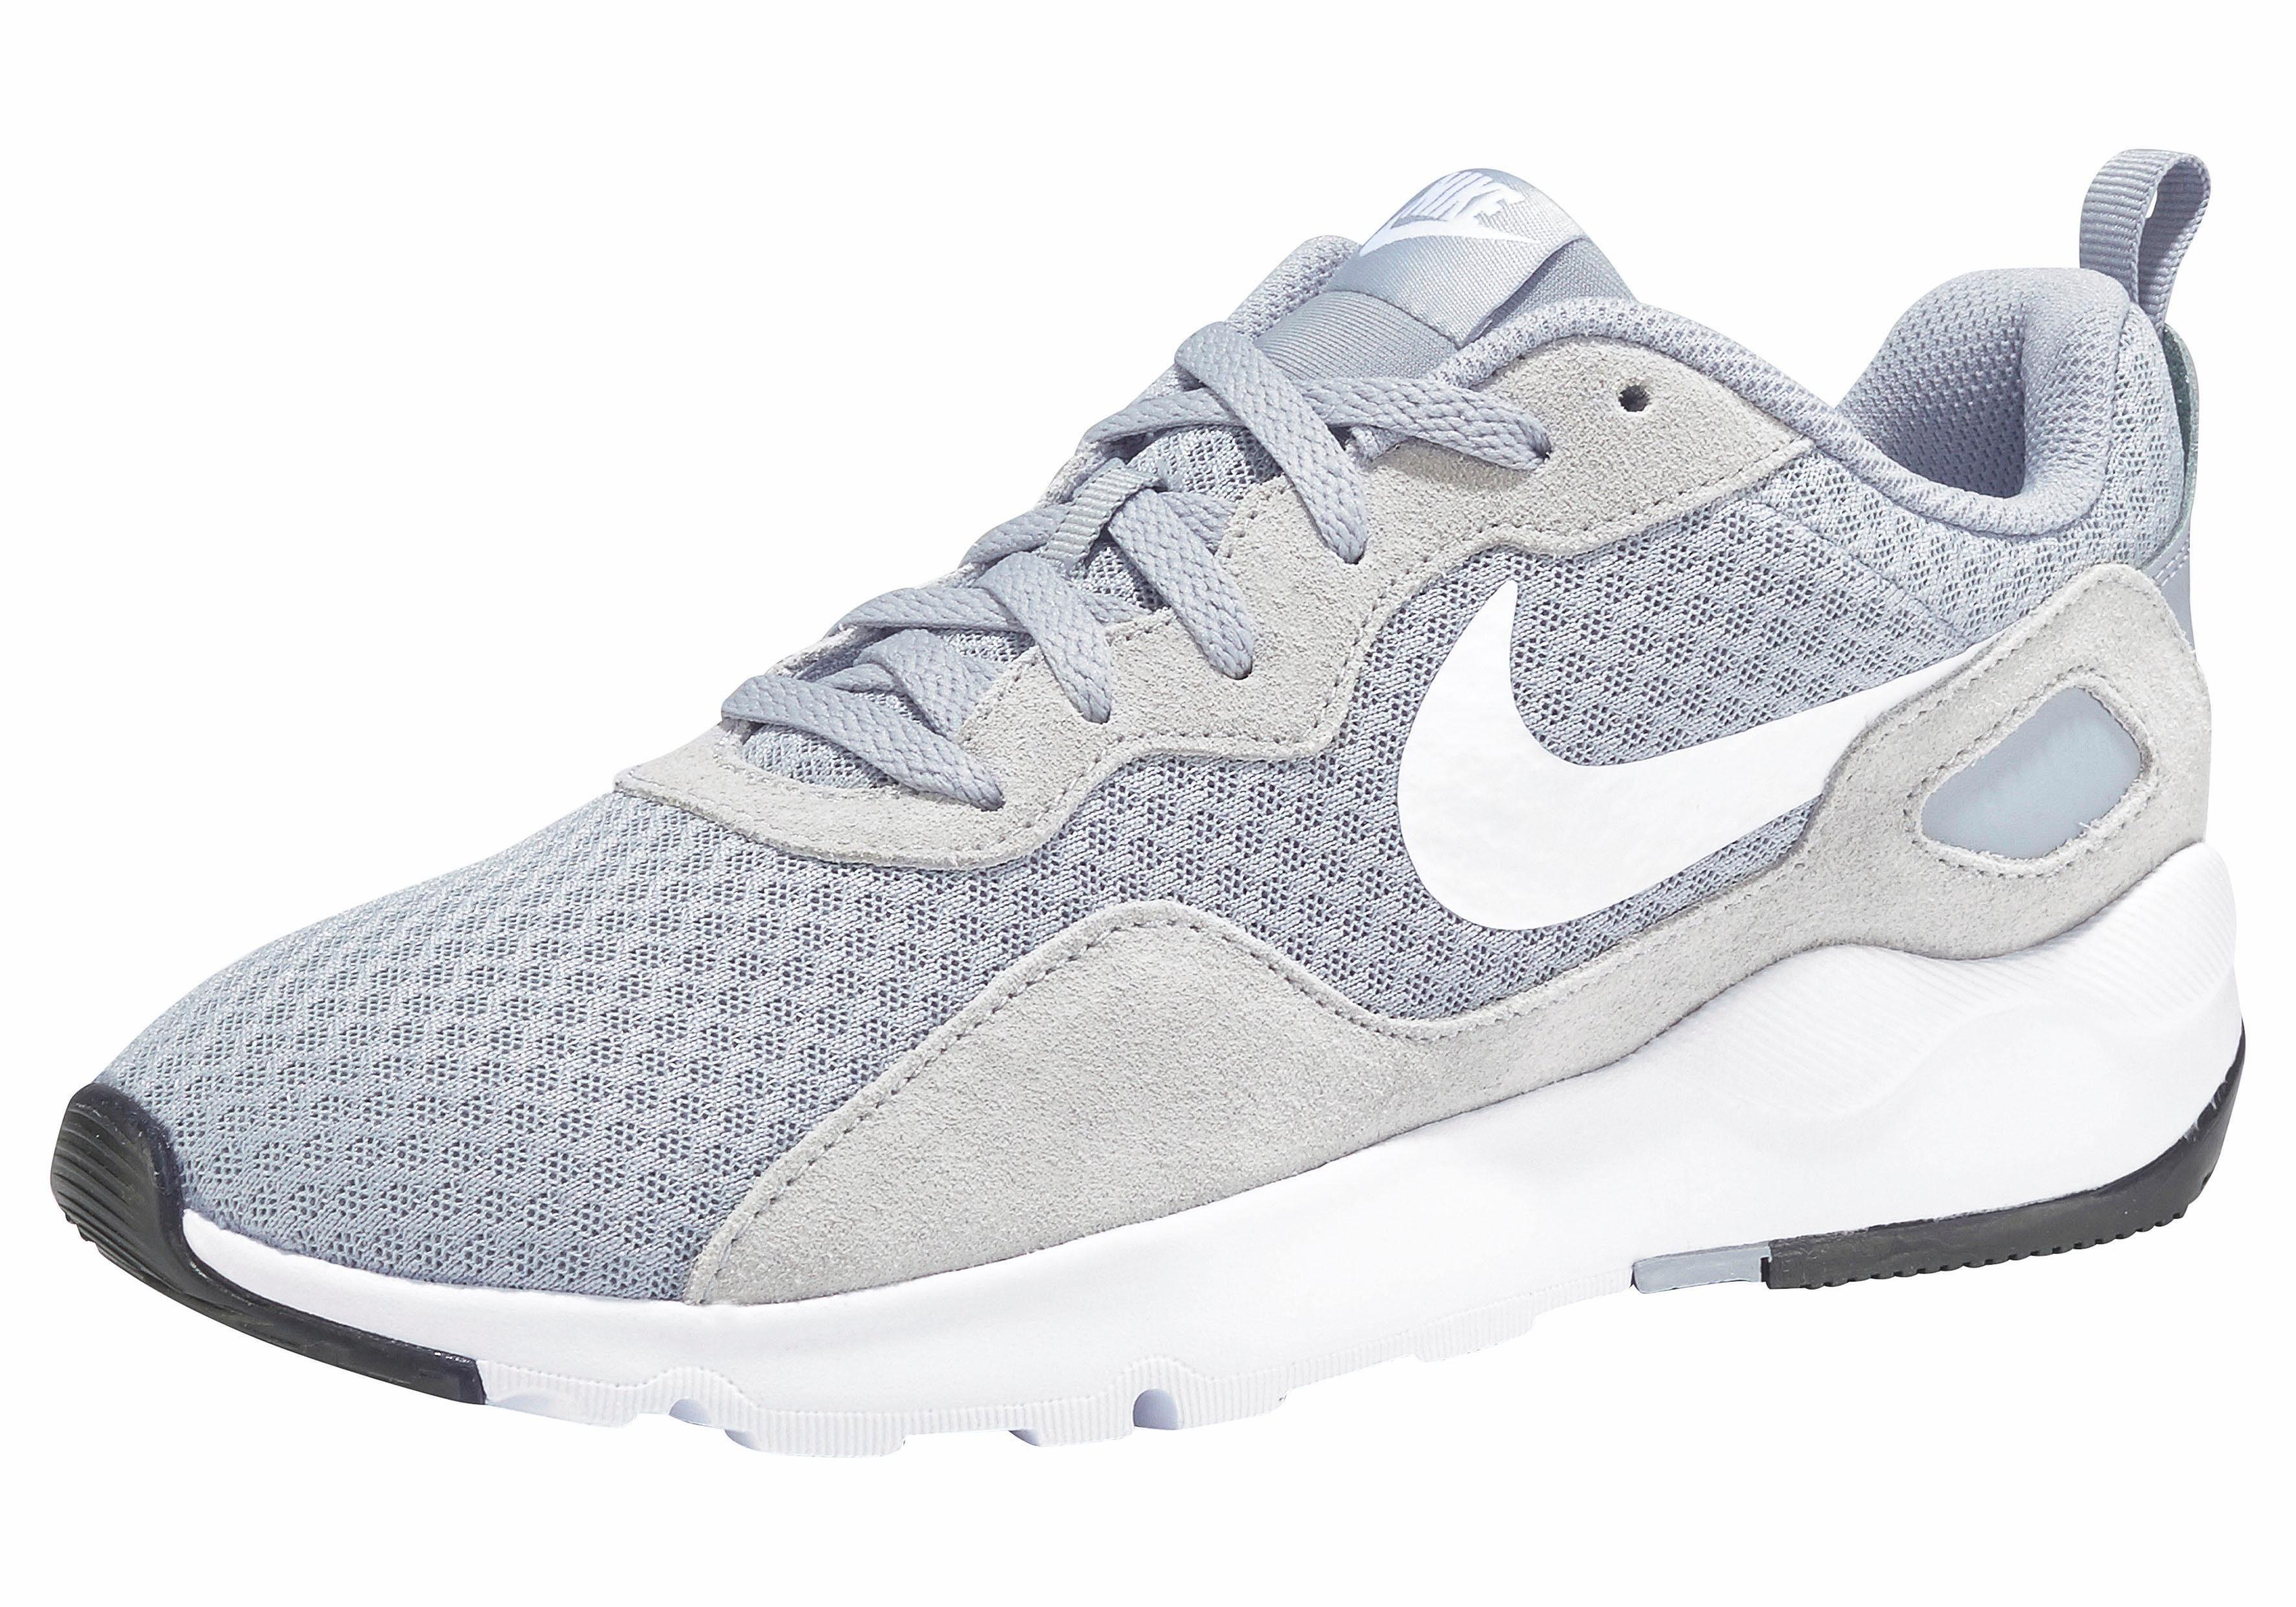 Nike Sportswear Wmns LD Runner W Sneaker kaufen  grau-weiß